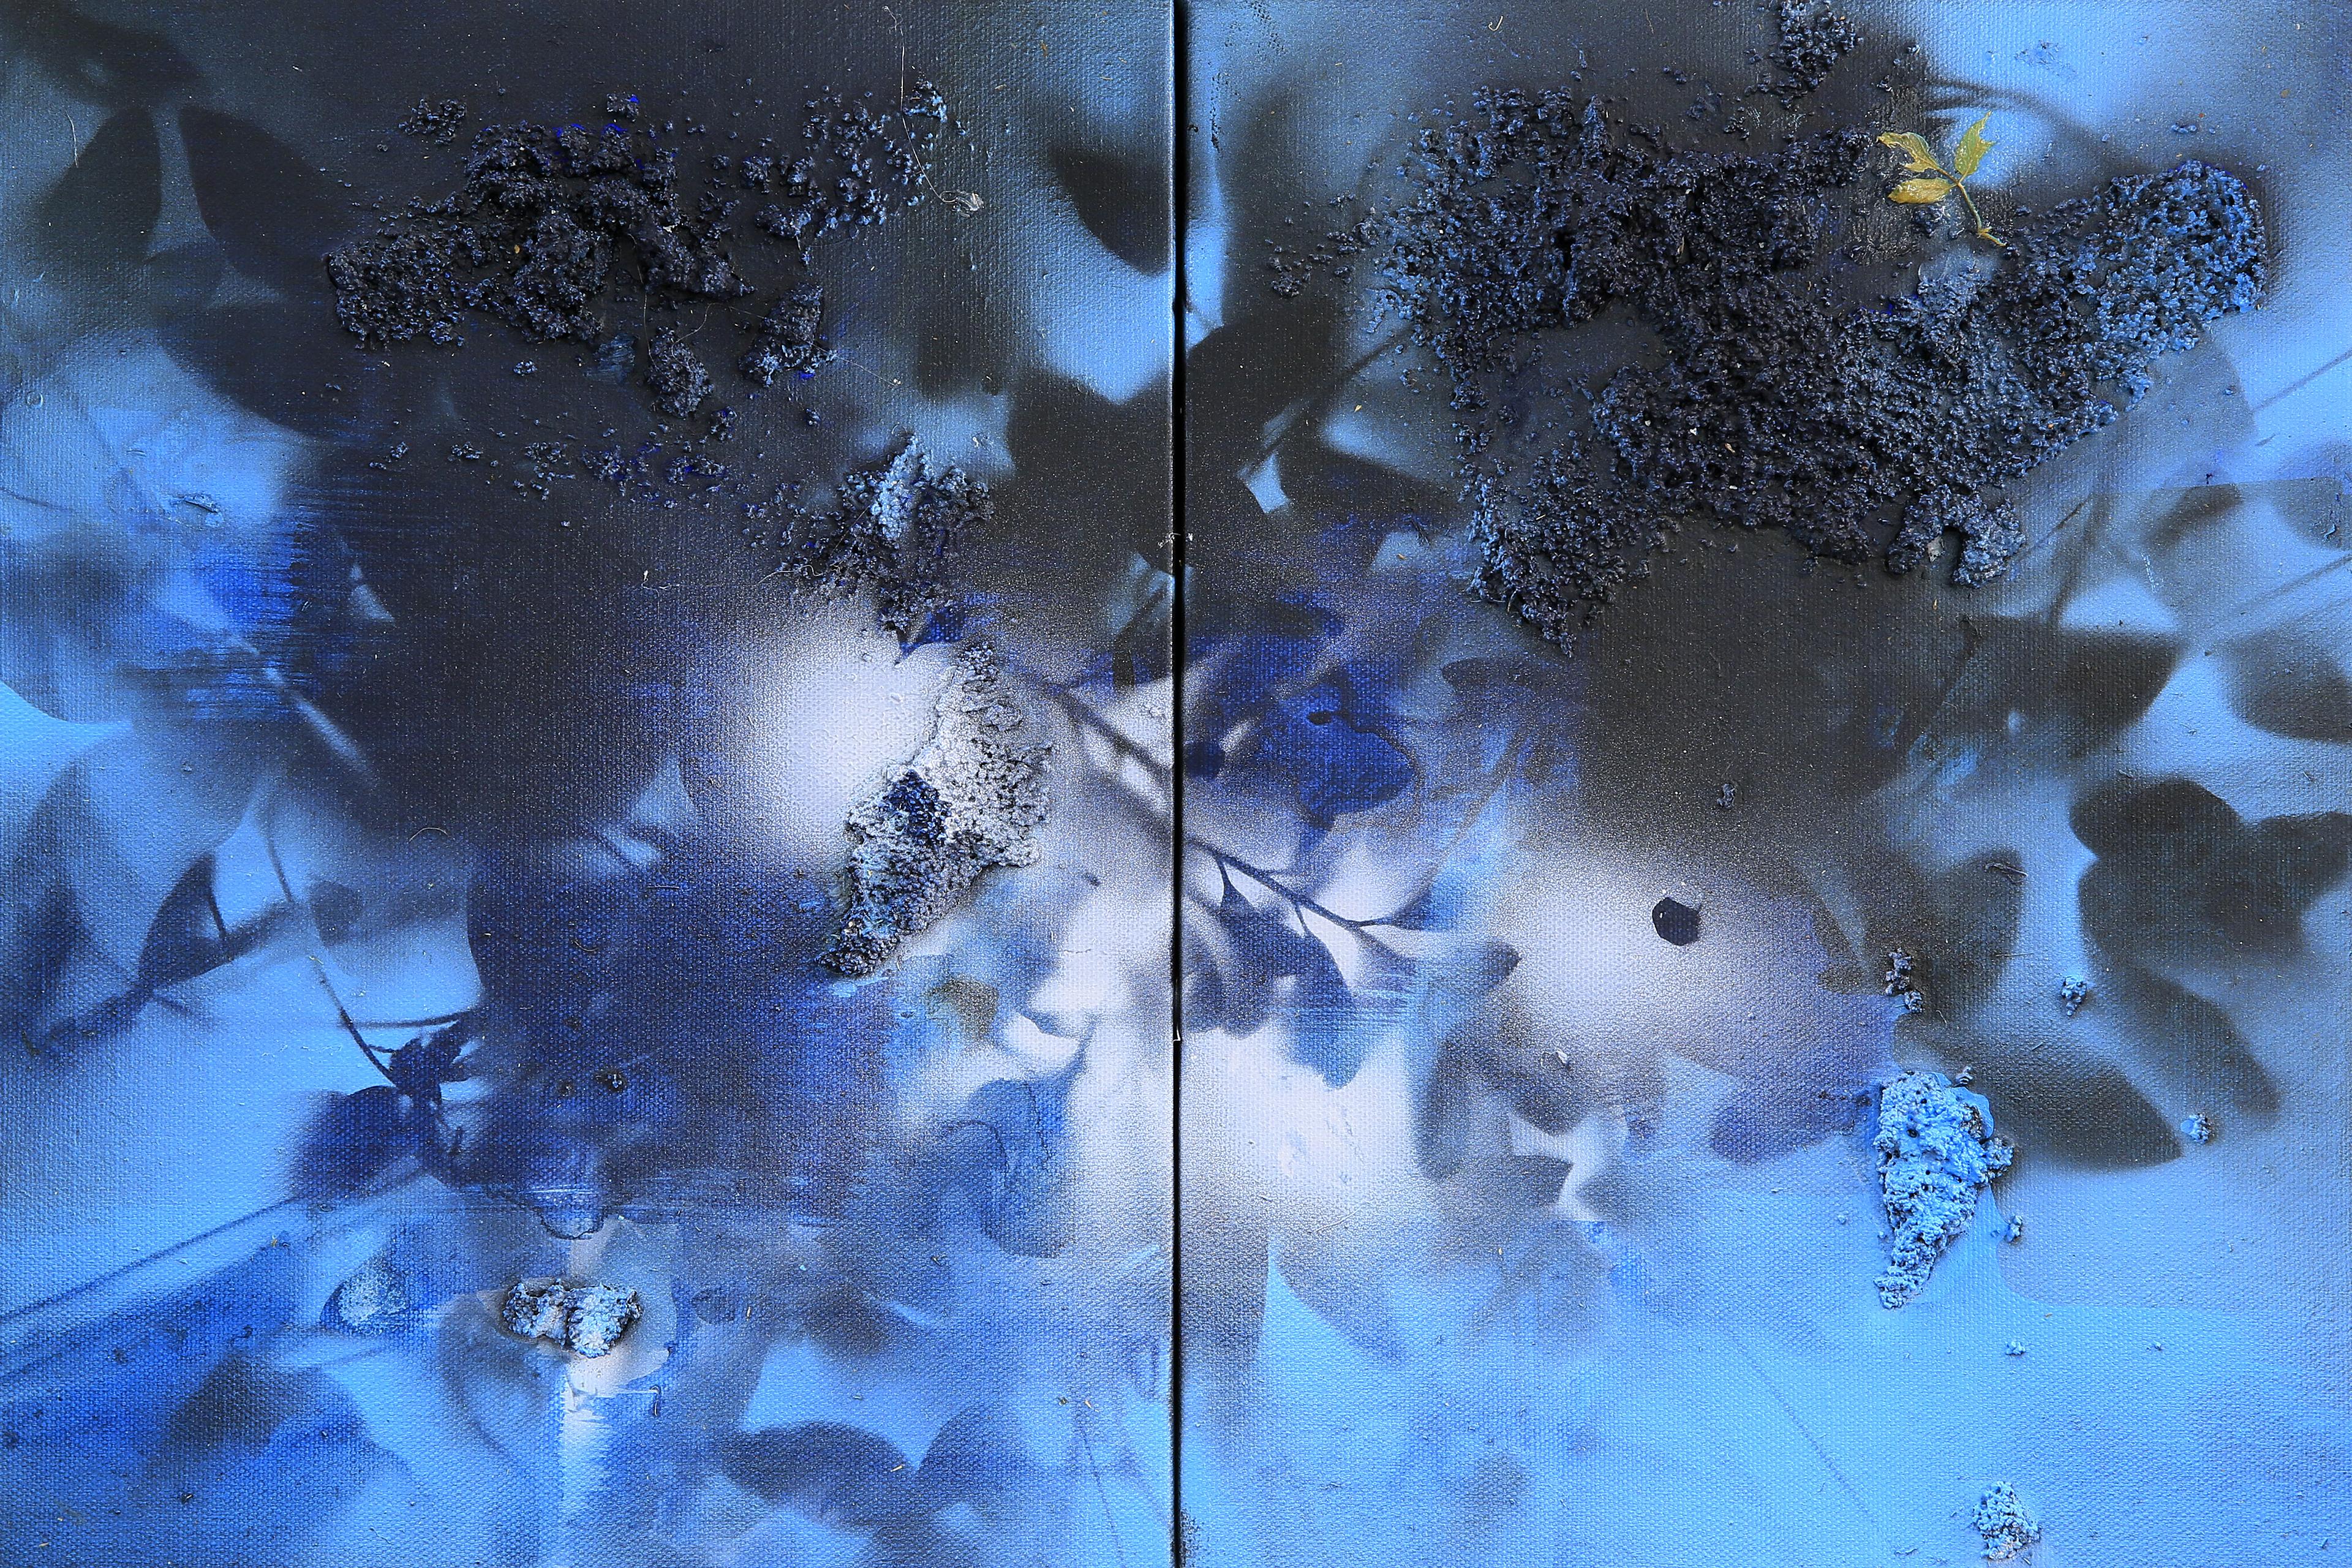 연상록-숲,빛,바람의 숨결, 53x45.5cm, 2015, Acrylic on canvas_2